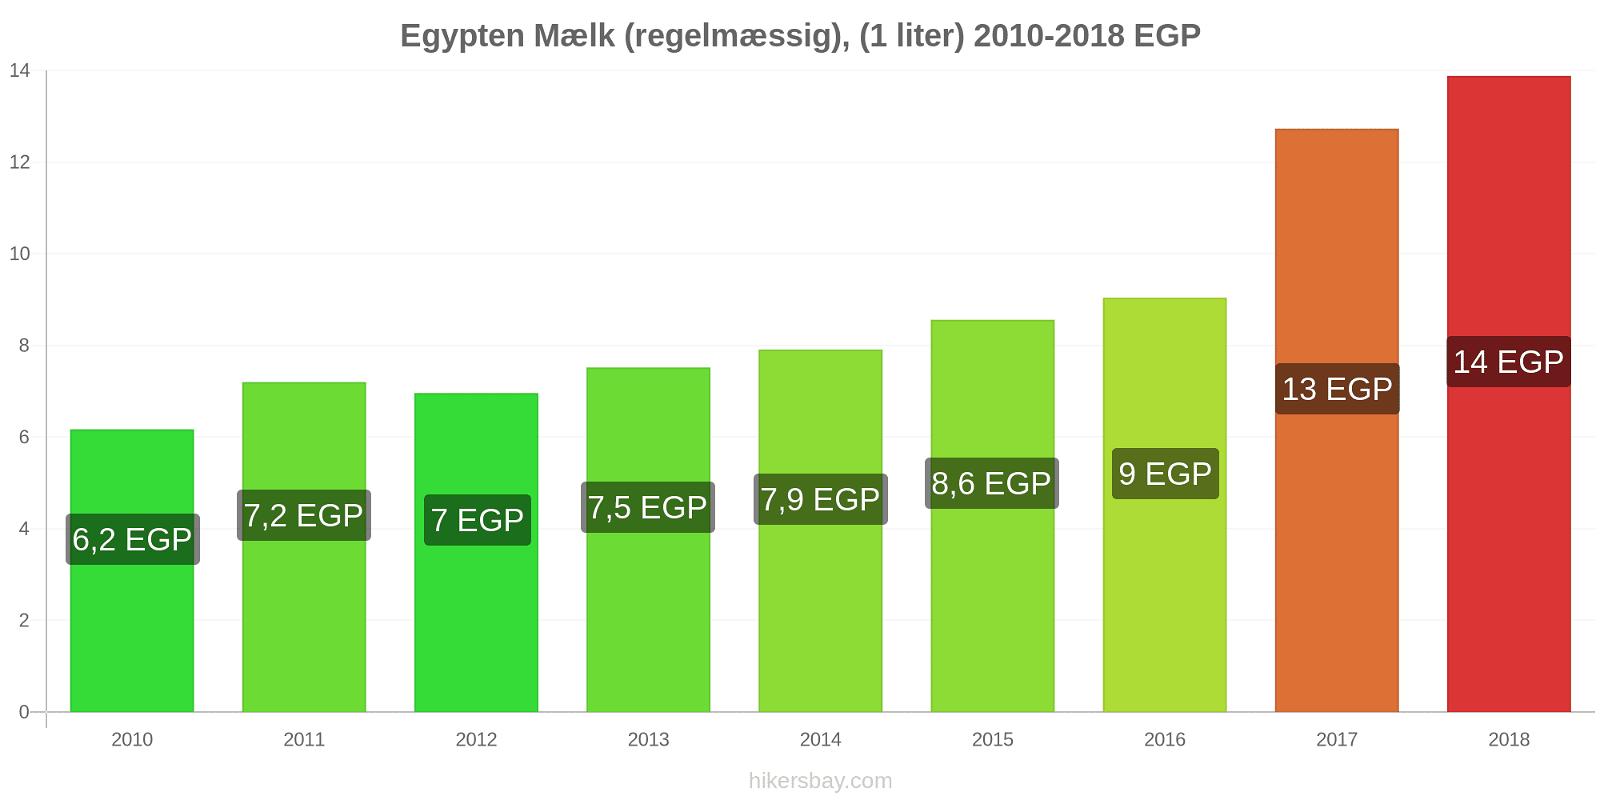 Egypten prisændringer Mælk (regelmæssig), (1 liter) hikersbay.com